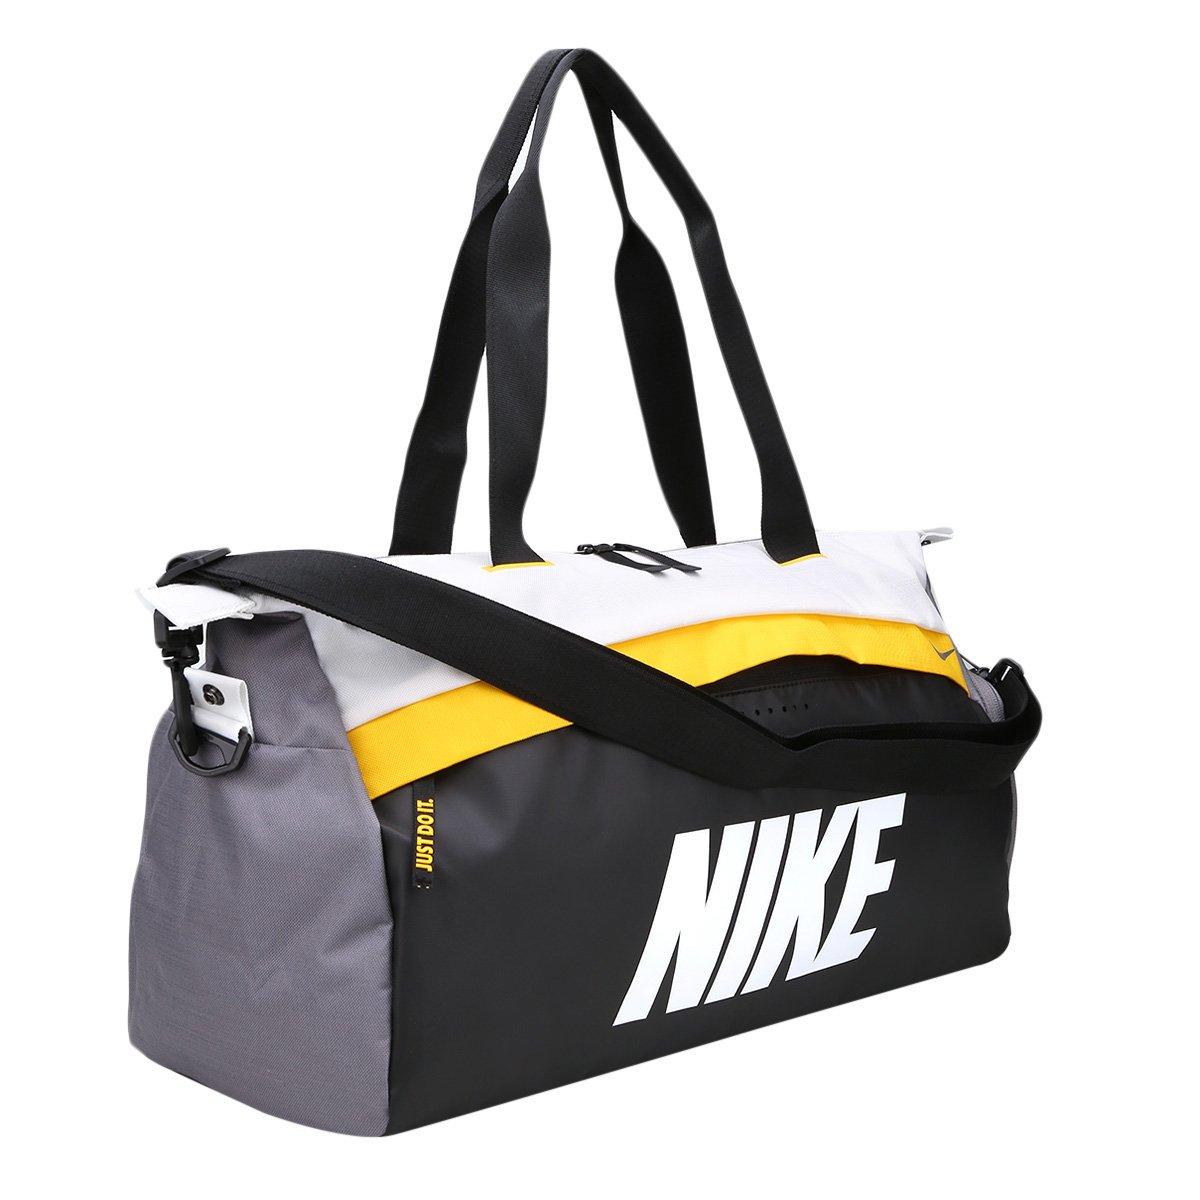 c6087e5f8 Mala Nike Radiate Club Drop Feminina - Shopping TudoAzul